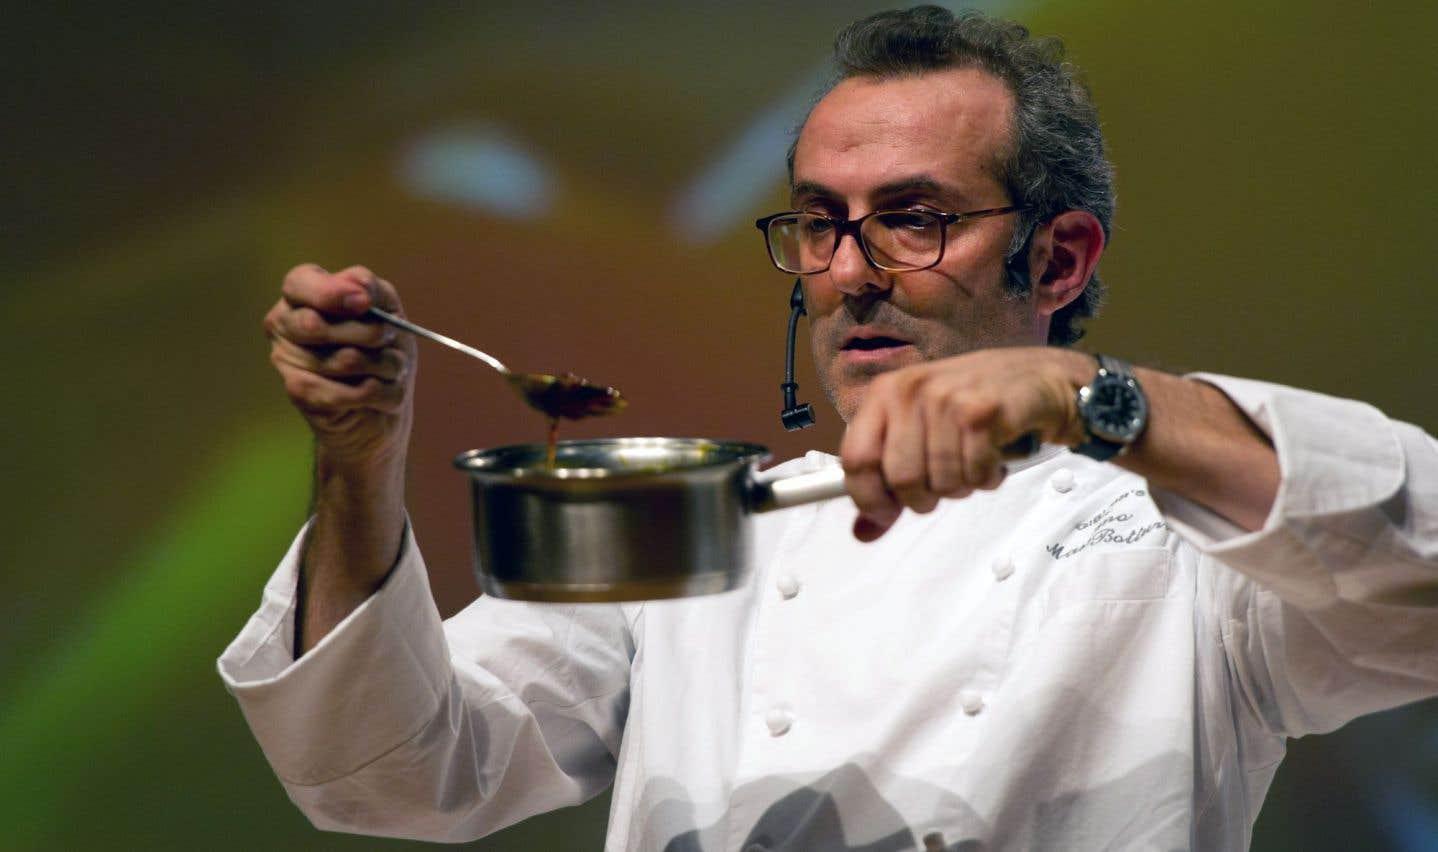 Le chef Massimo Bottura